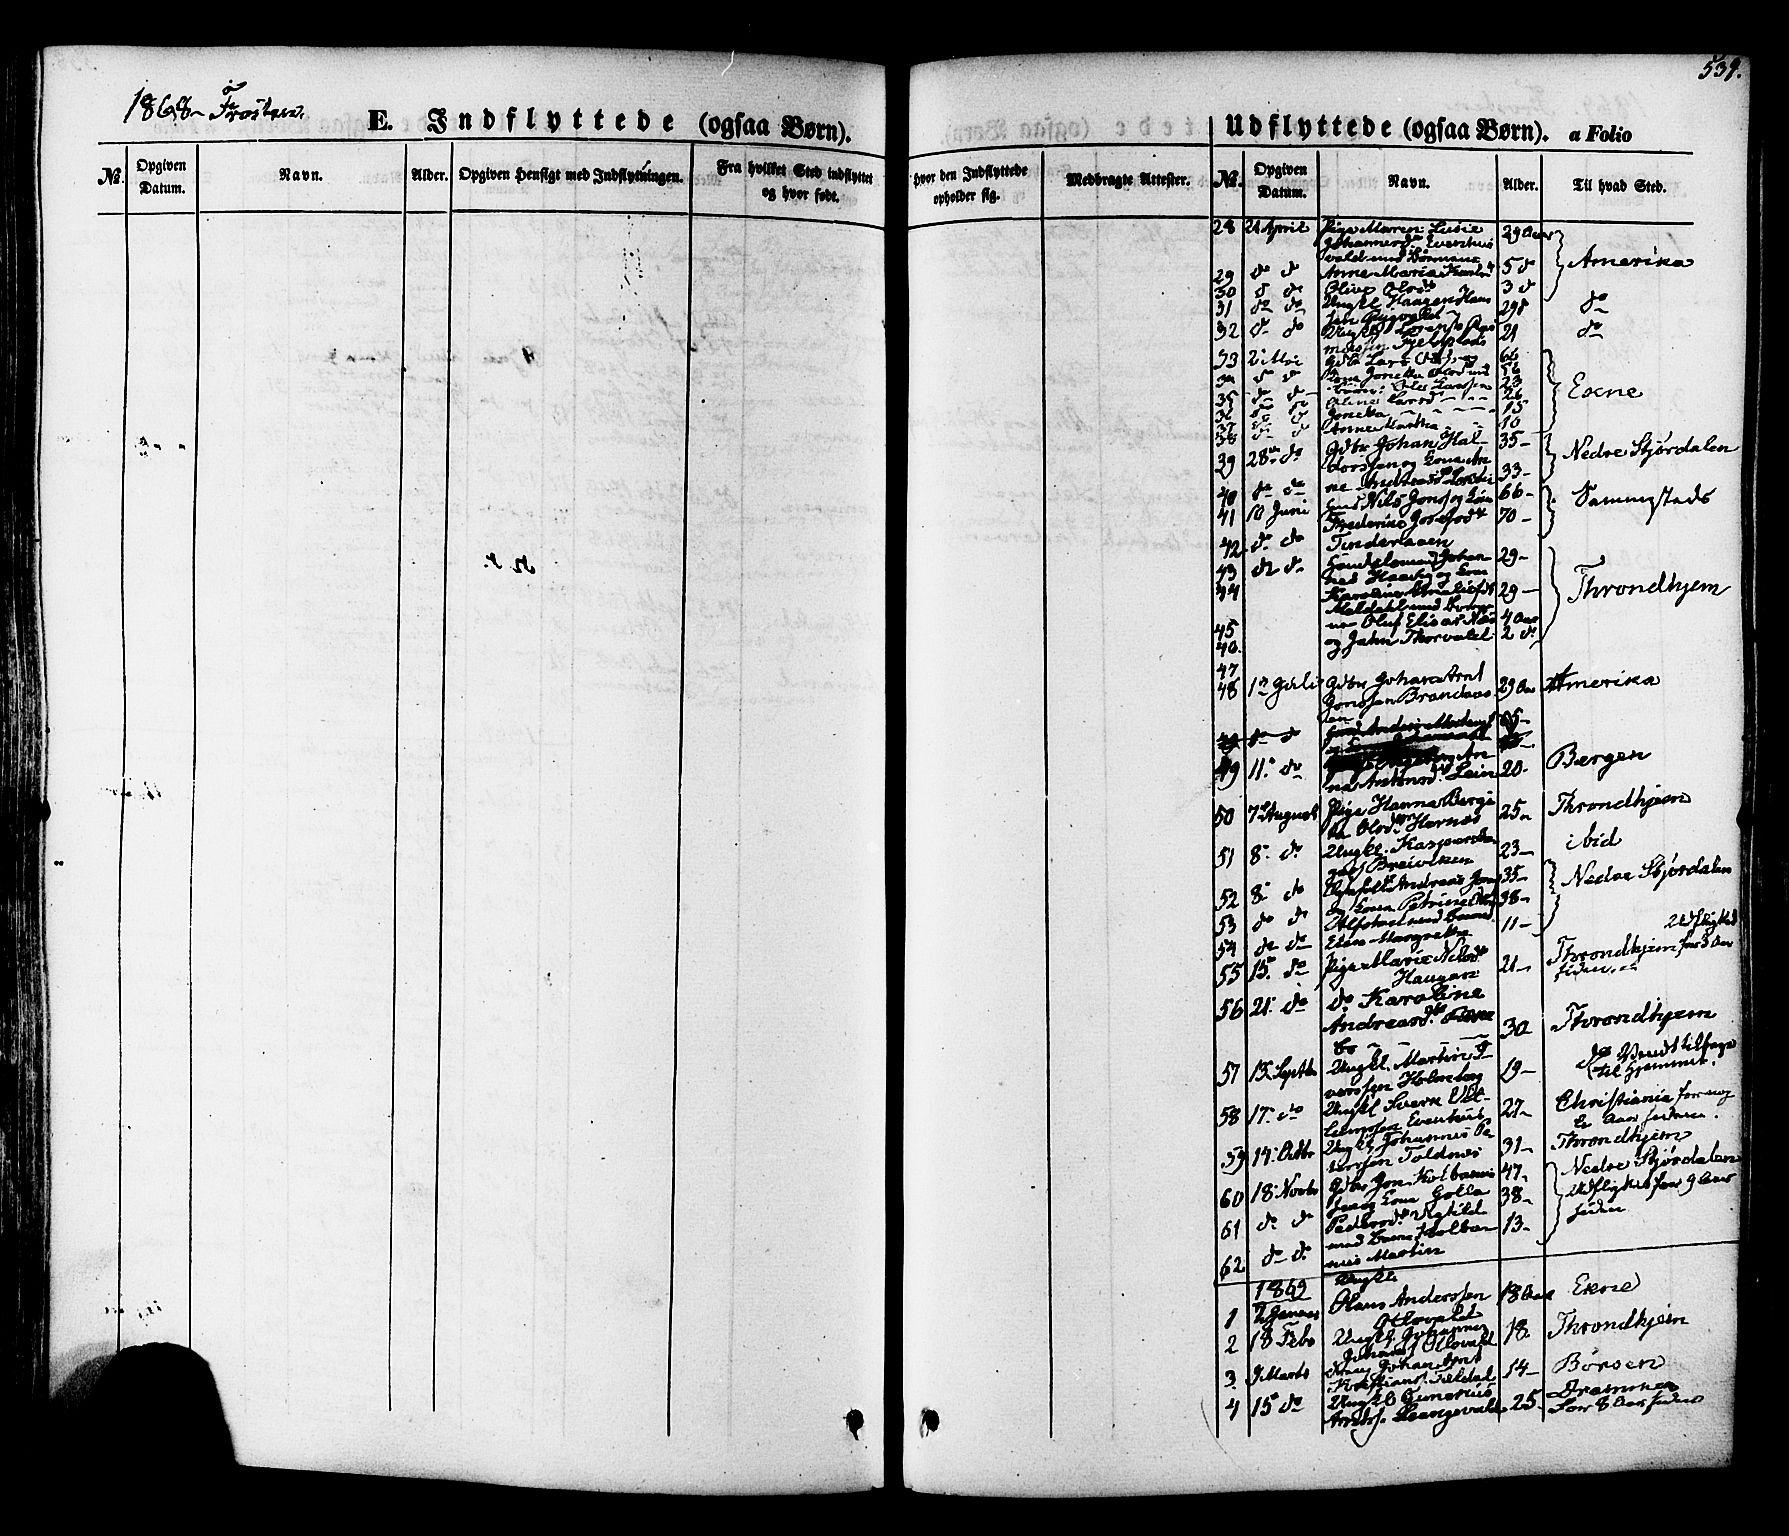 SAT, Ministerialprotokoller, klokkerbøker og fødselsregistre - Nord-Trøndelag, 713/L0116: Ministerialbok nr. 713A07 /1, 1850-1877, s. 539